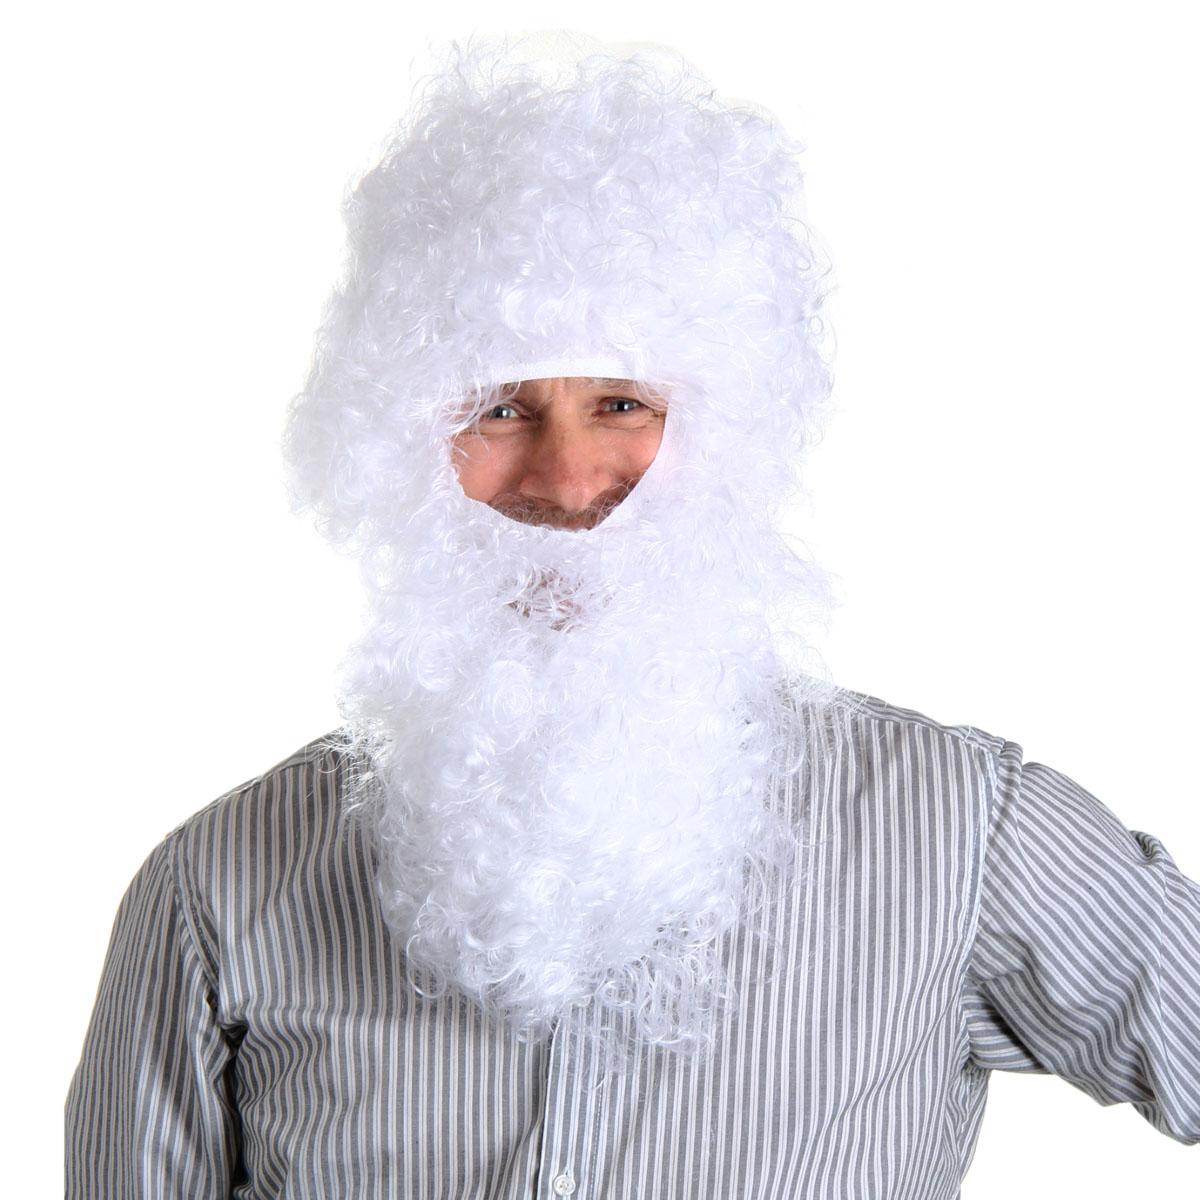 Маскарадная борода и парик Sima-land Дед Мороз, цвет: белый. 301722301722Маскарадная борода и парик Sima-land Дед Мороз выполнены из искусственных волос. Надев такую бороду с париком, вы будете выглядеть как настоящий Дед Мороз. Борода имеет прорезь для рта. Если у вас намечается веселая вечеринка или маскарад, то такие аксессуары легко помогут создать праздничный образ. Внесите нотку задора и веселья в ваш праздник. Веселое настроение и масса положительных эмоций вам будут обеспечены!